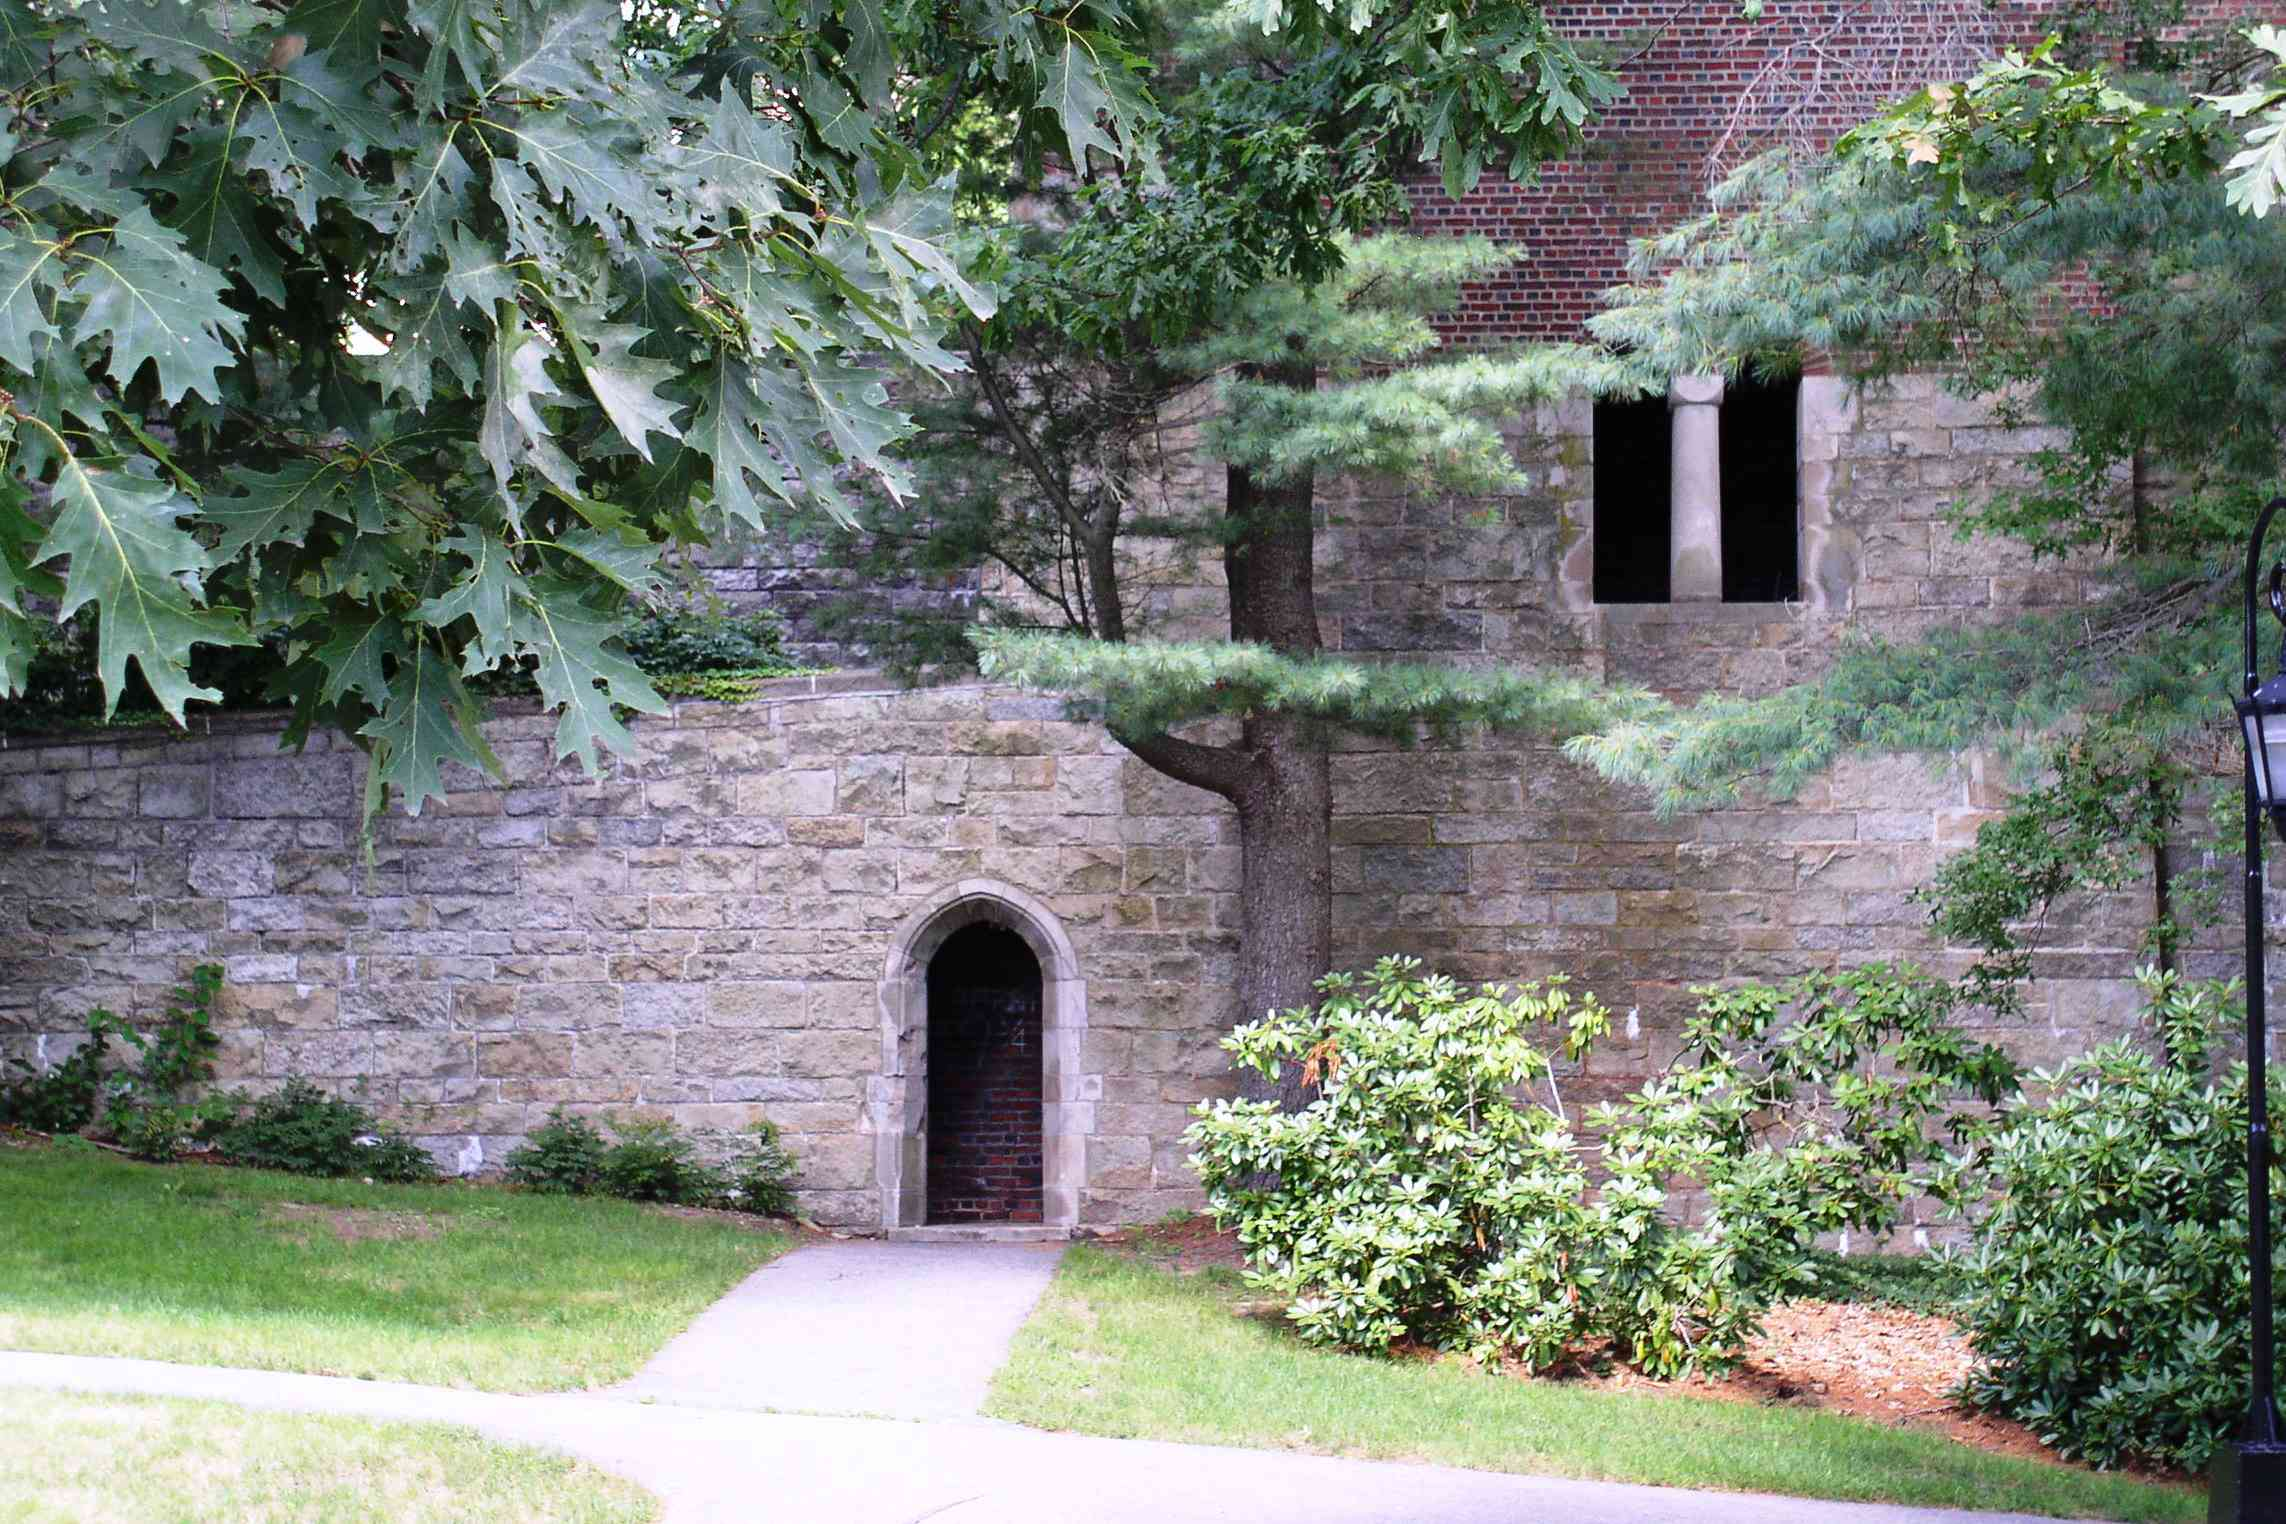 A Gothic Doorway Under Green Hall